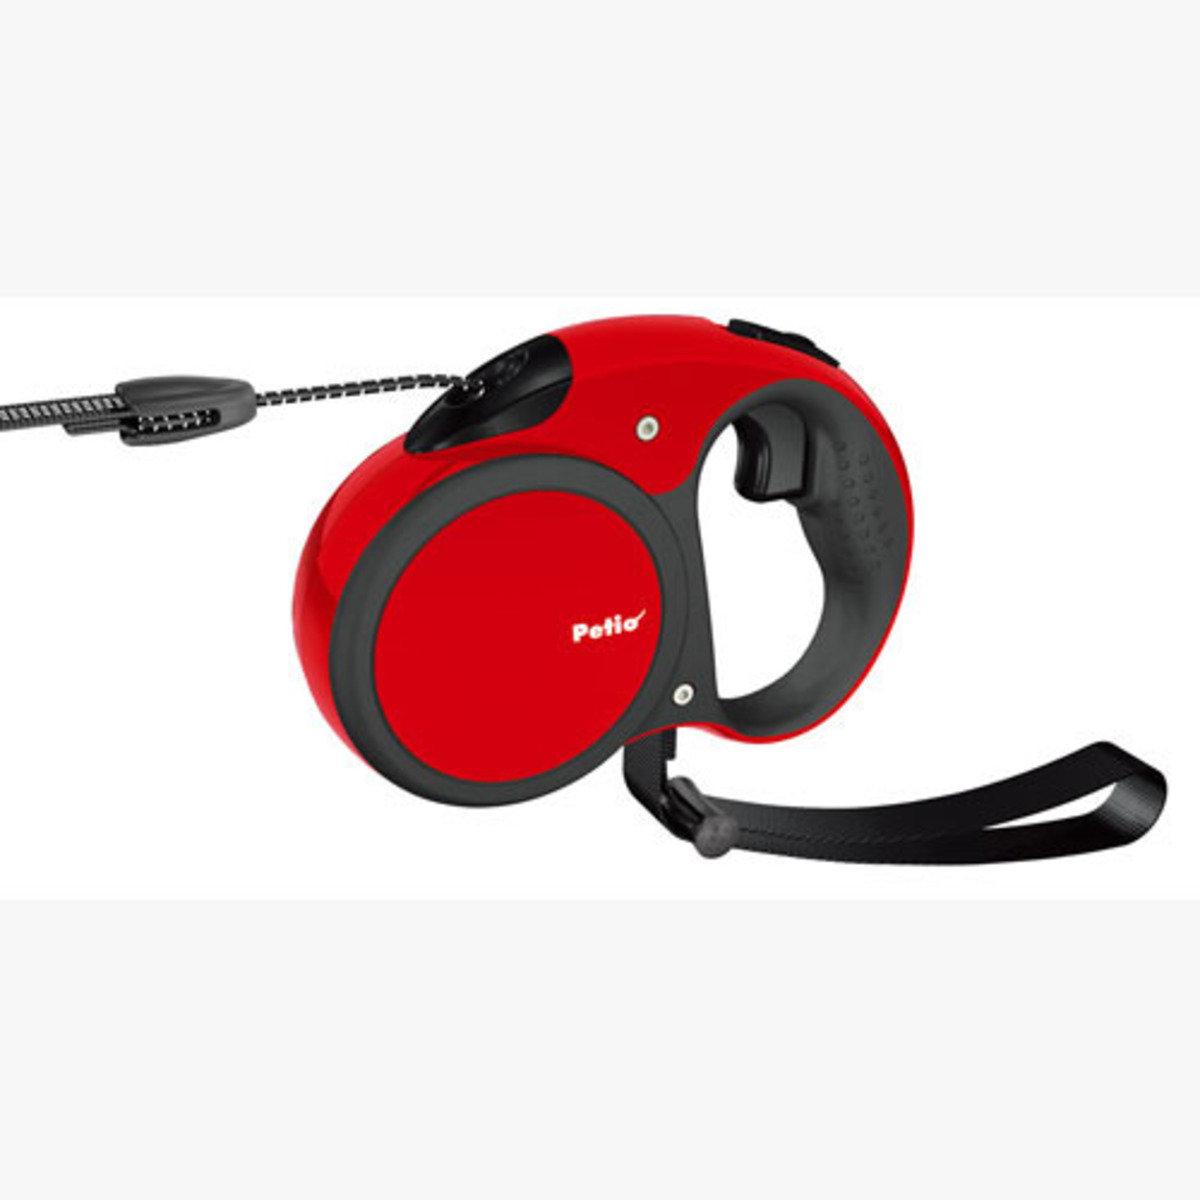 紅色時尚伸縮拖帶(大)(W23840)